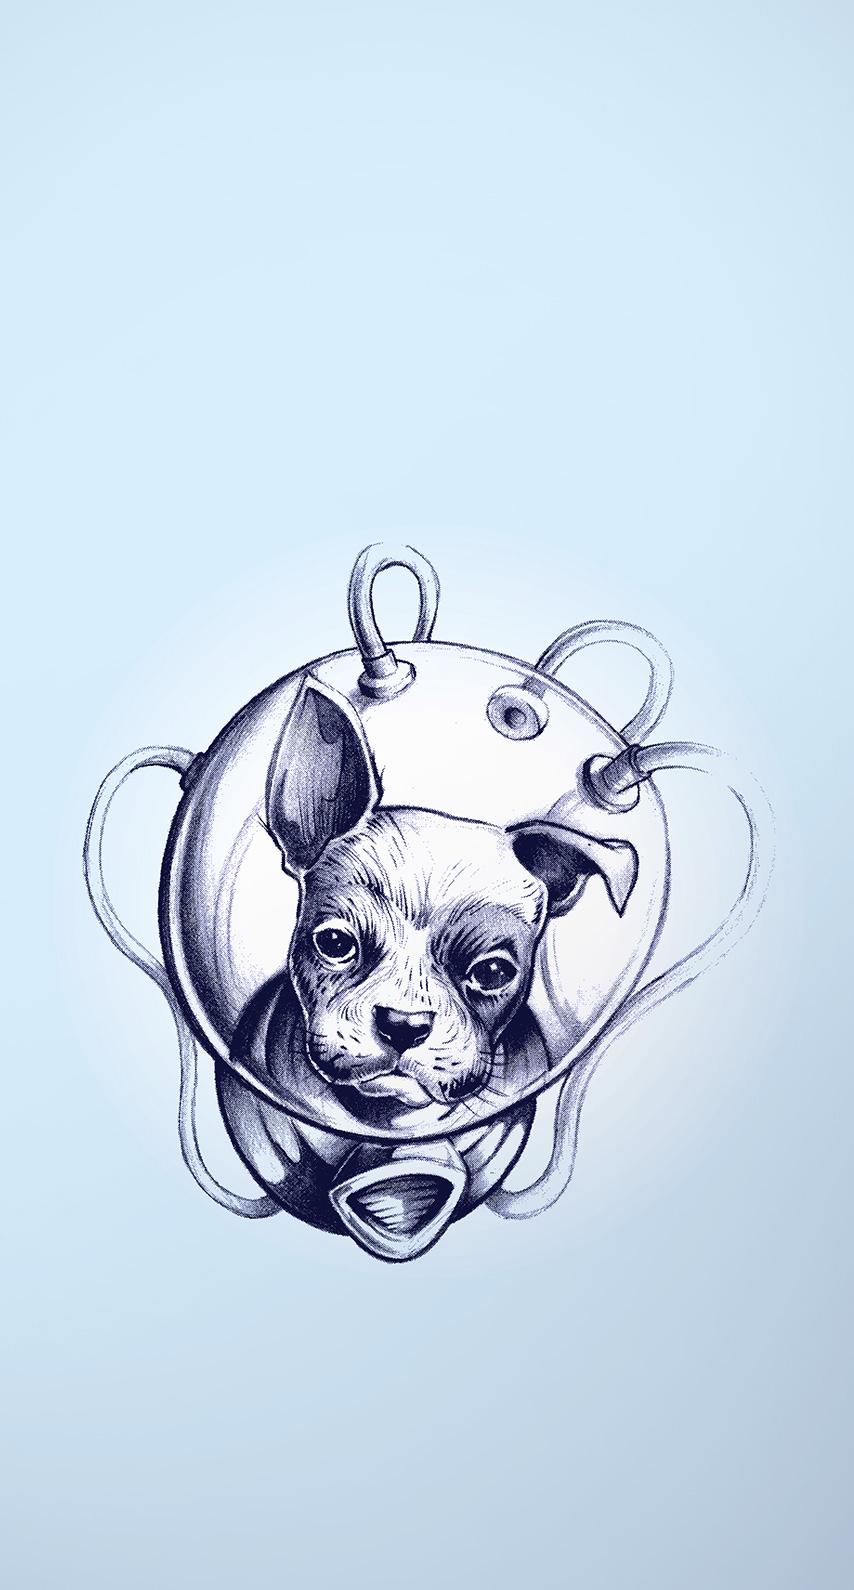 dog, puppy